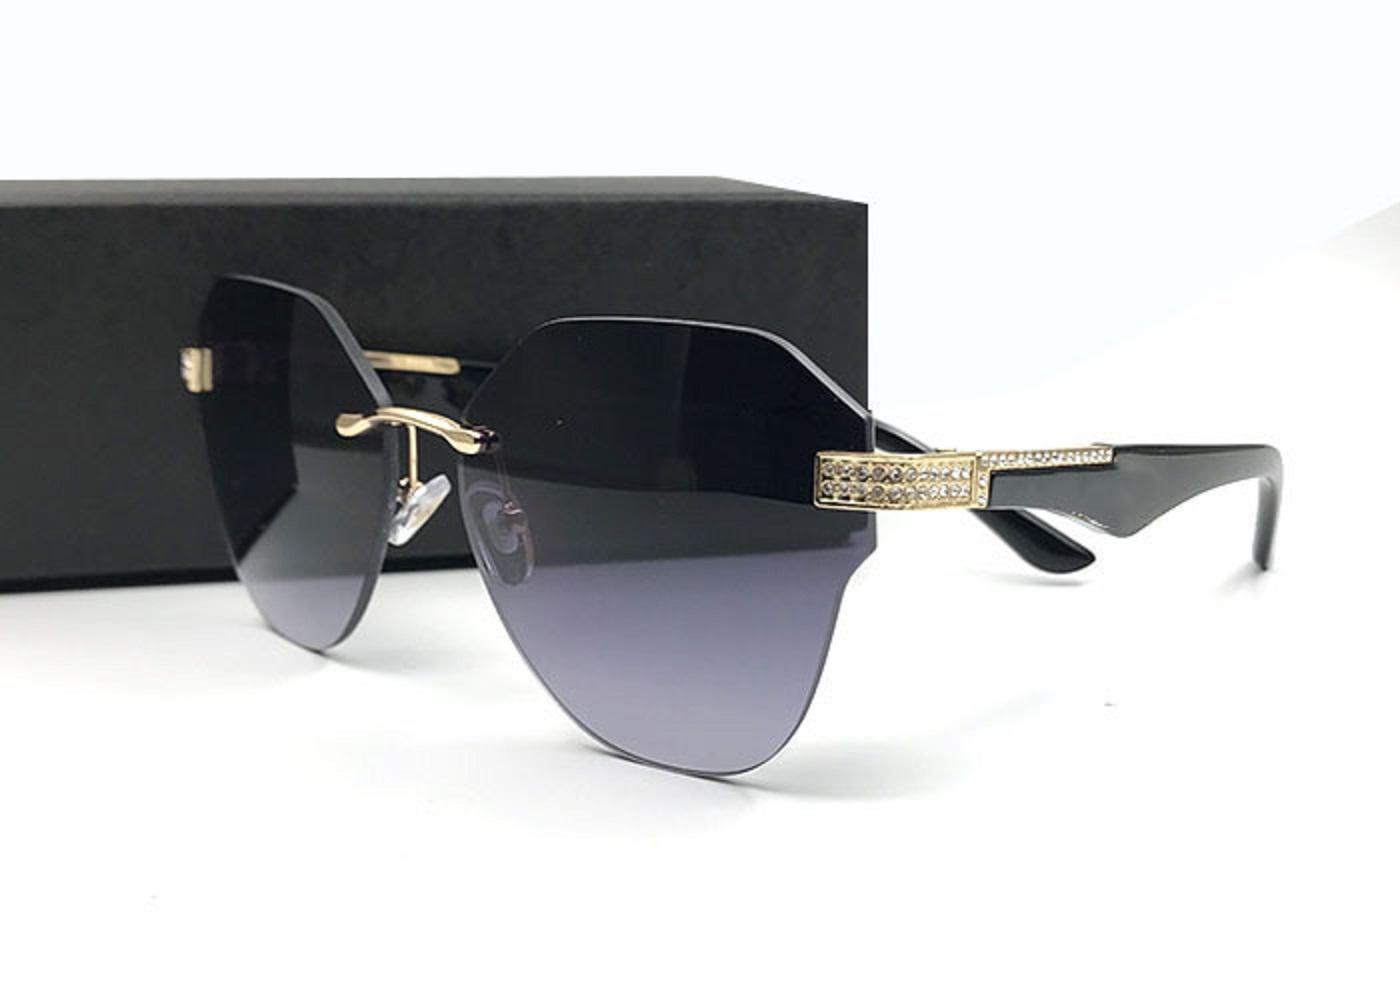 إيطاليا الفاخرة بدون شفة نظارات محدودة طبعة تألق الماس مصمم الإطار uv حماية نظارات الشمس الأزياء الصيف نمط للنساء